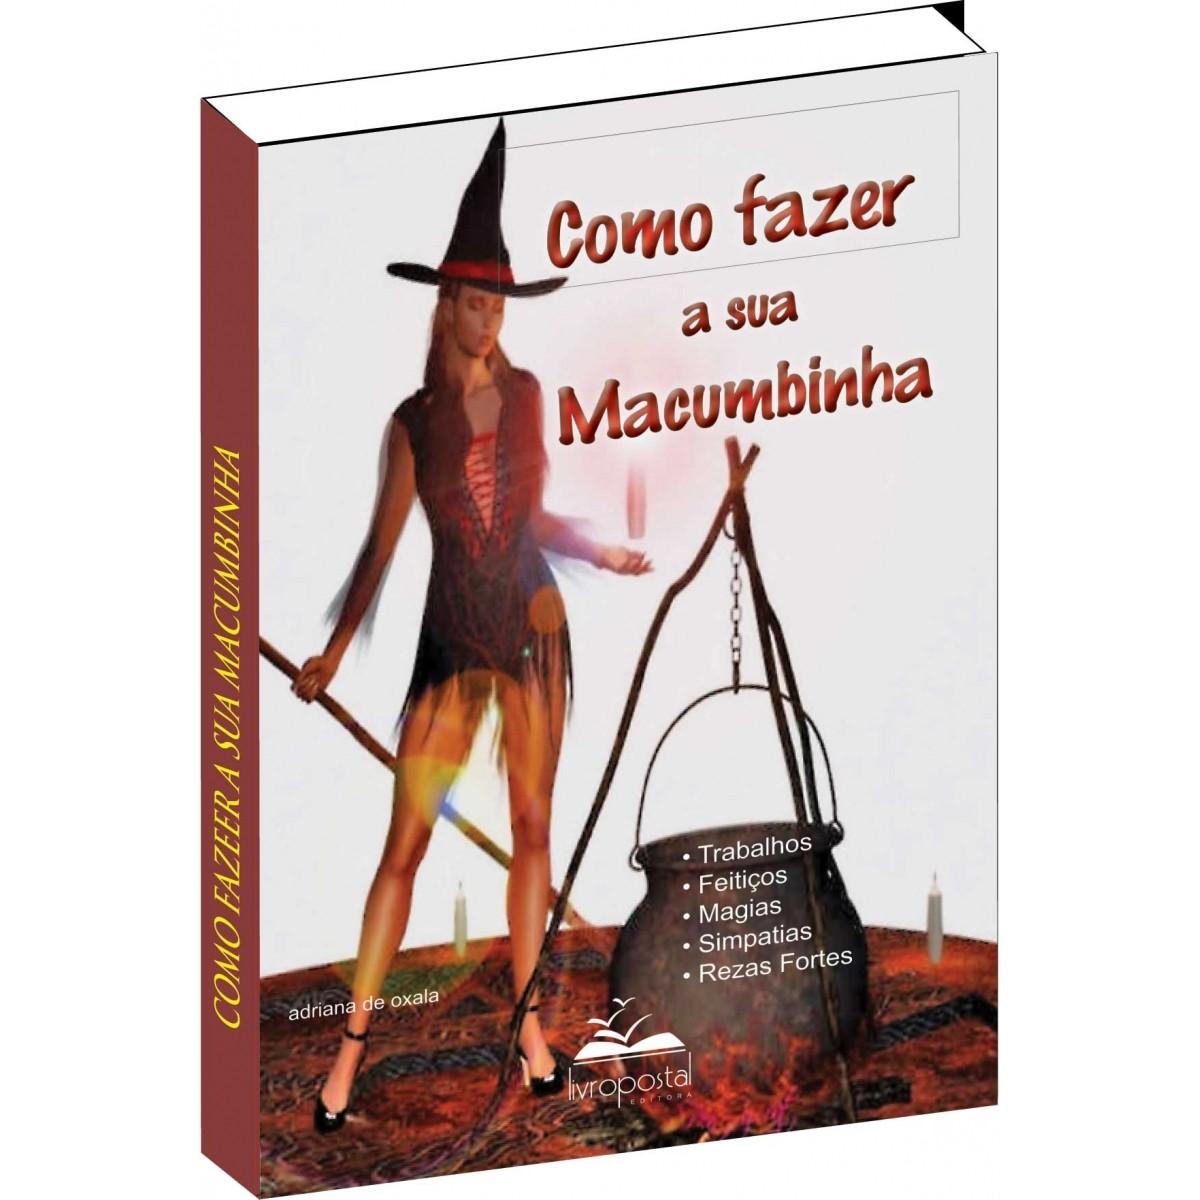 Ebook do Livro - Como fazer a sua Macumbinha  - Livropostal Editora